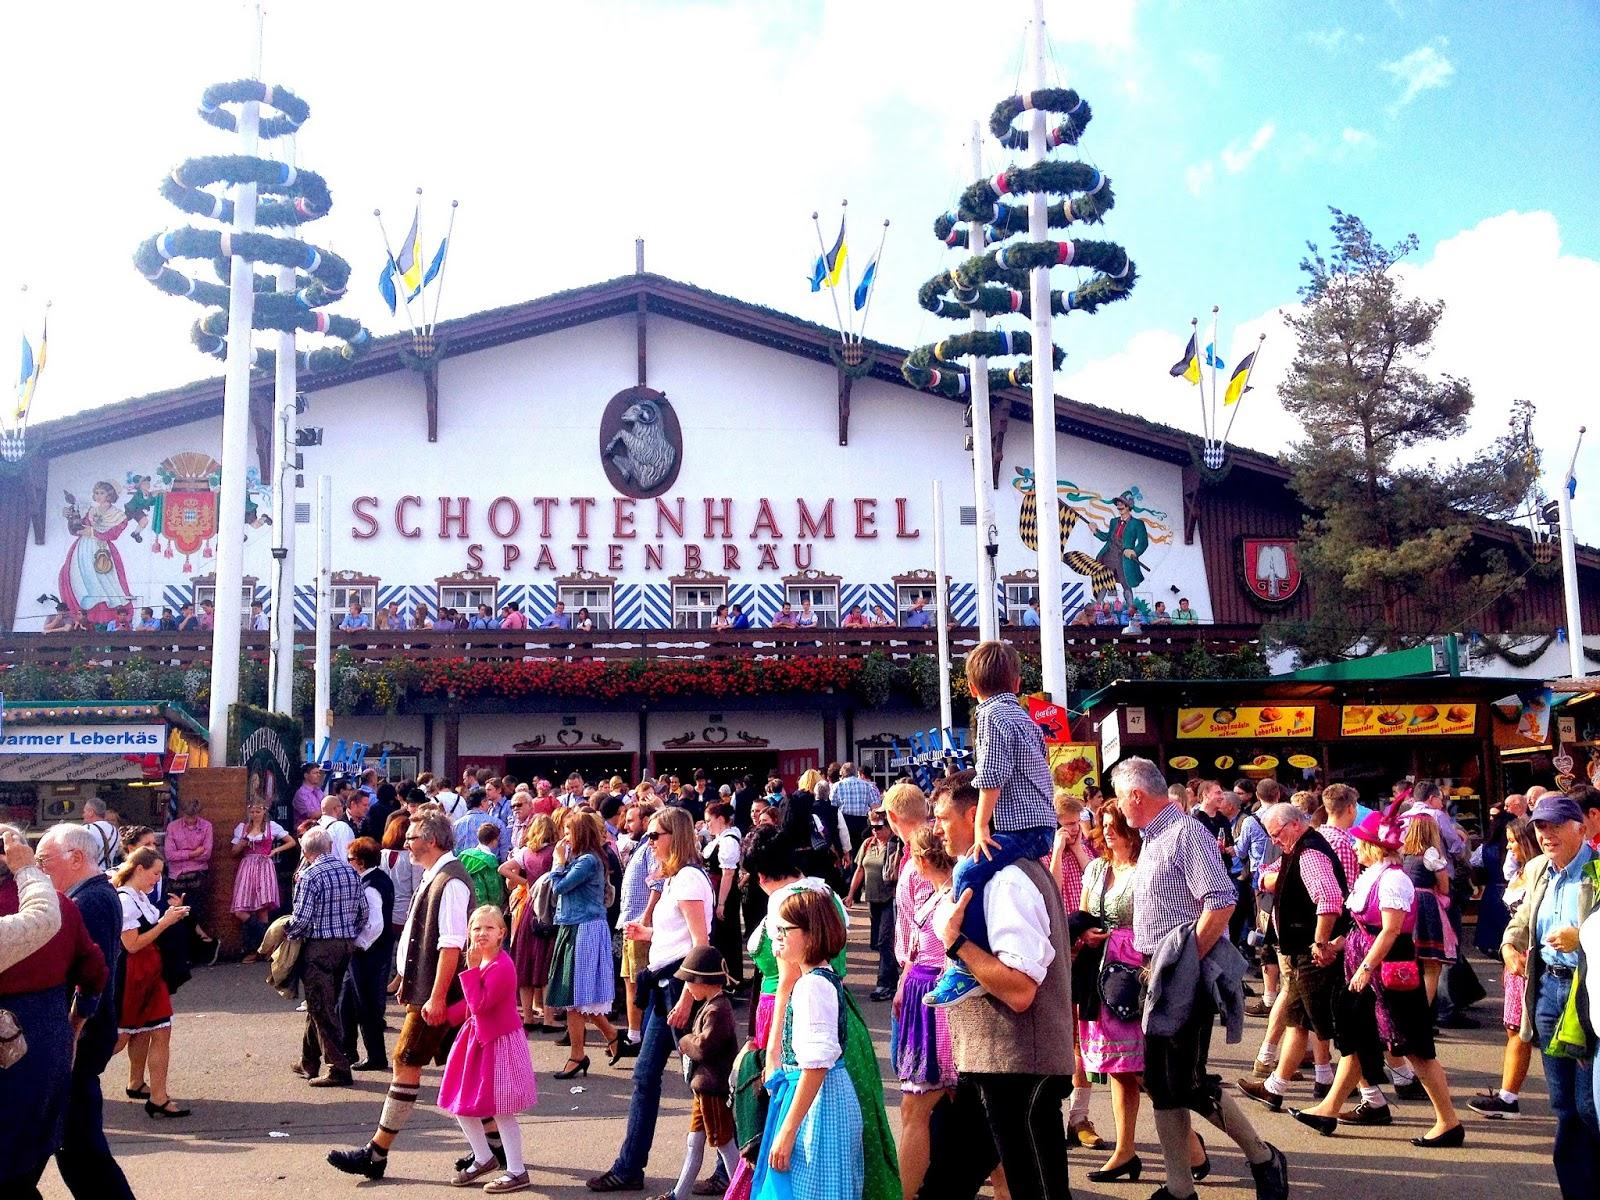 Schottenhamel Tent Oktoberfest 2014